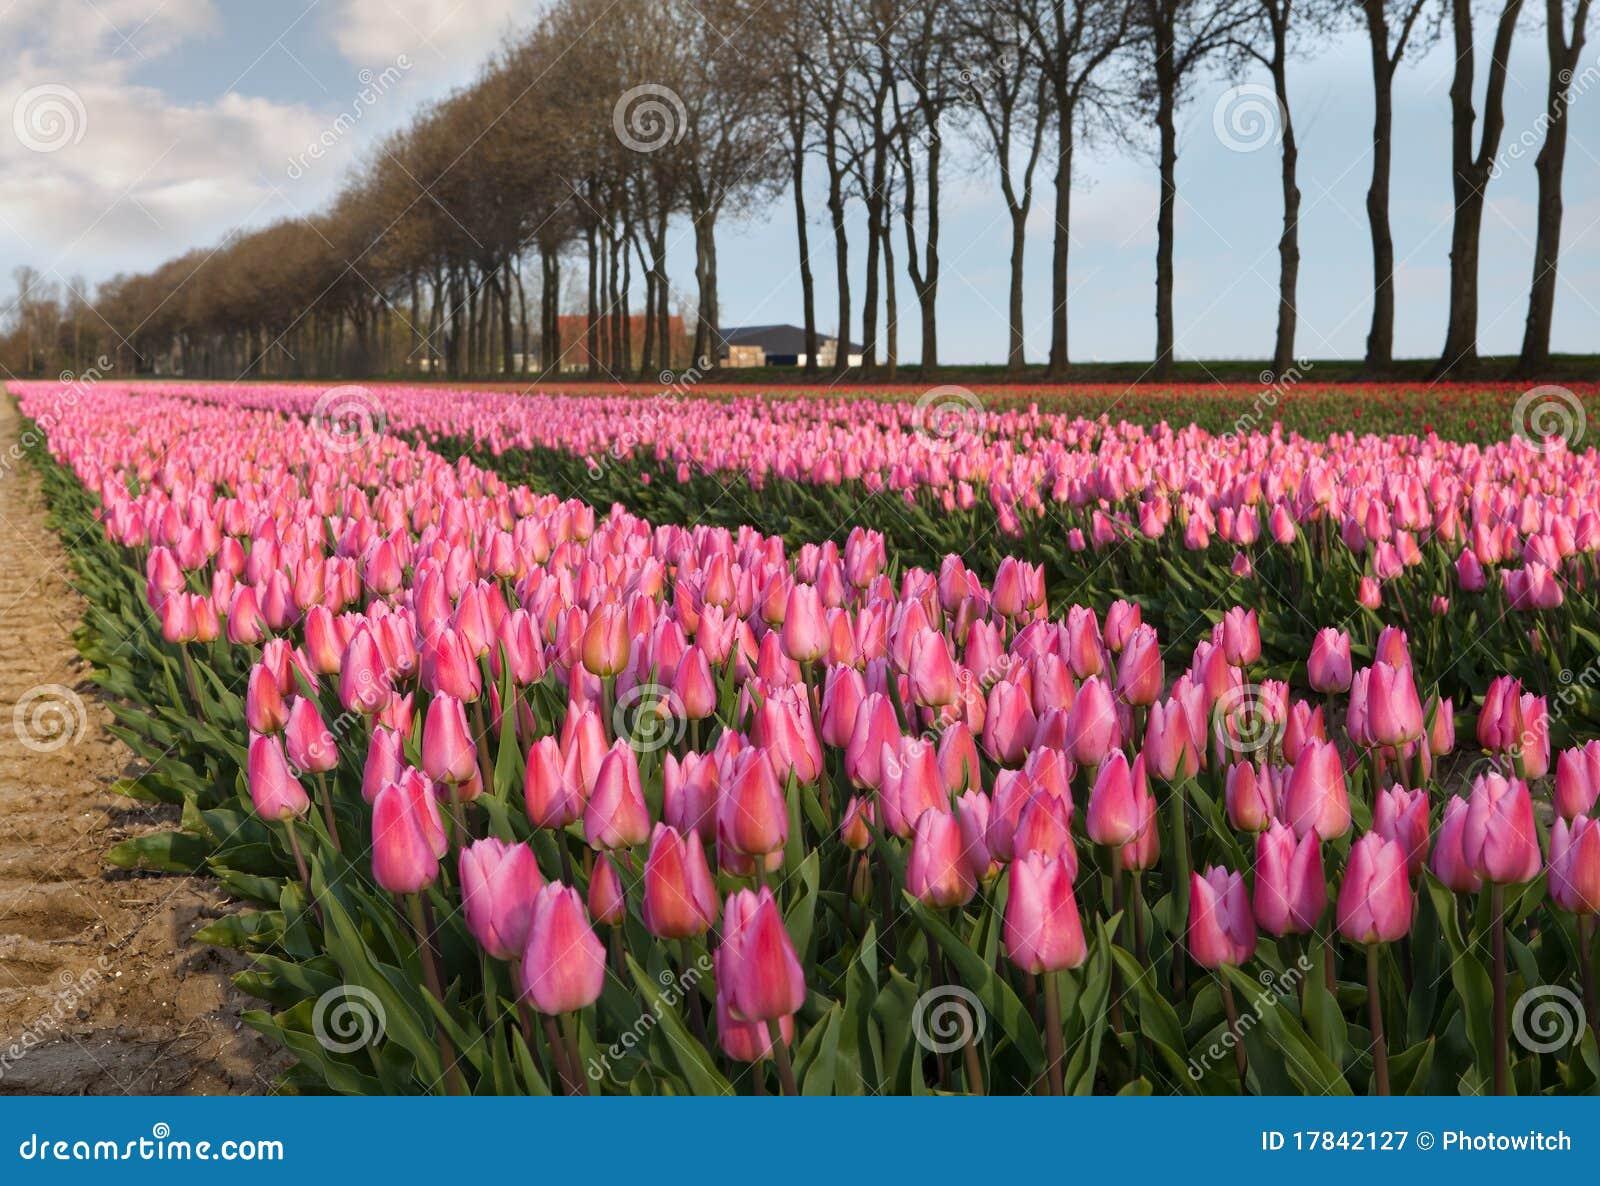 roze tulpen in holland stock afbeelding afbeelding bestaande uit overvloed 17842127. Black Bedroom Furniture Sets. Home Design Ideas